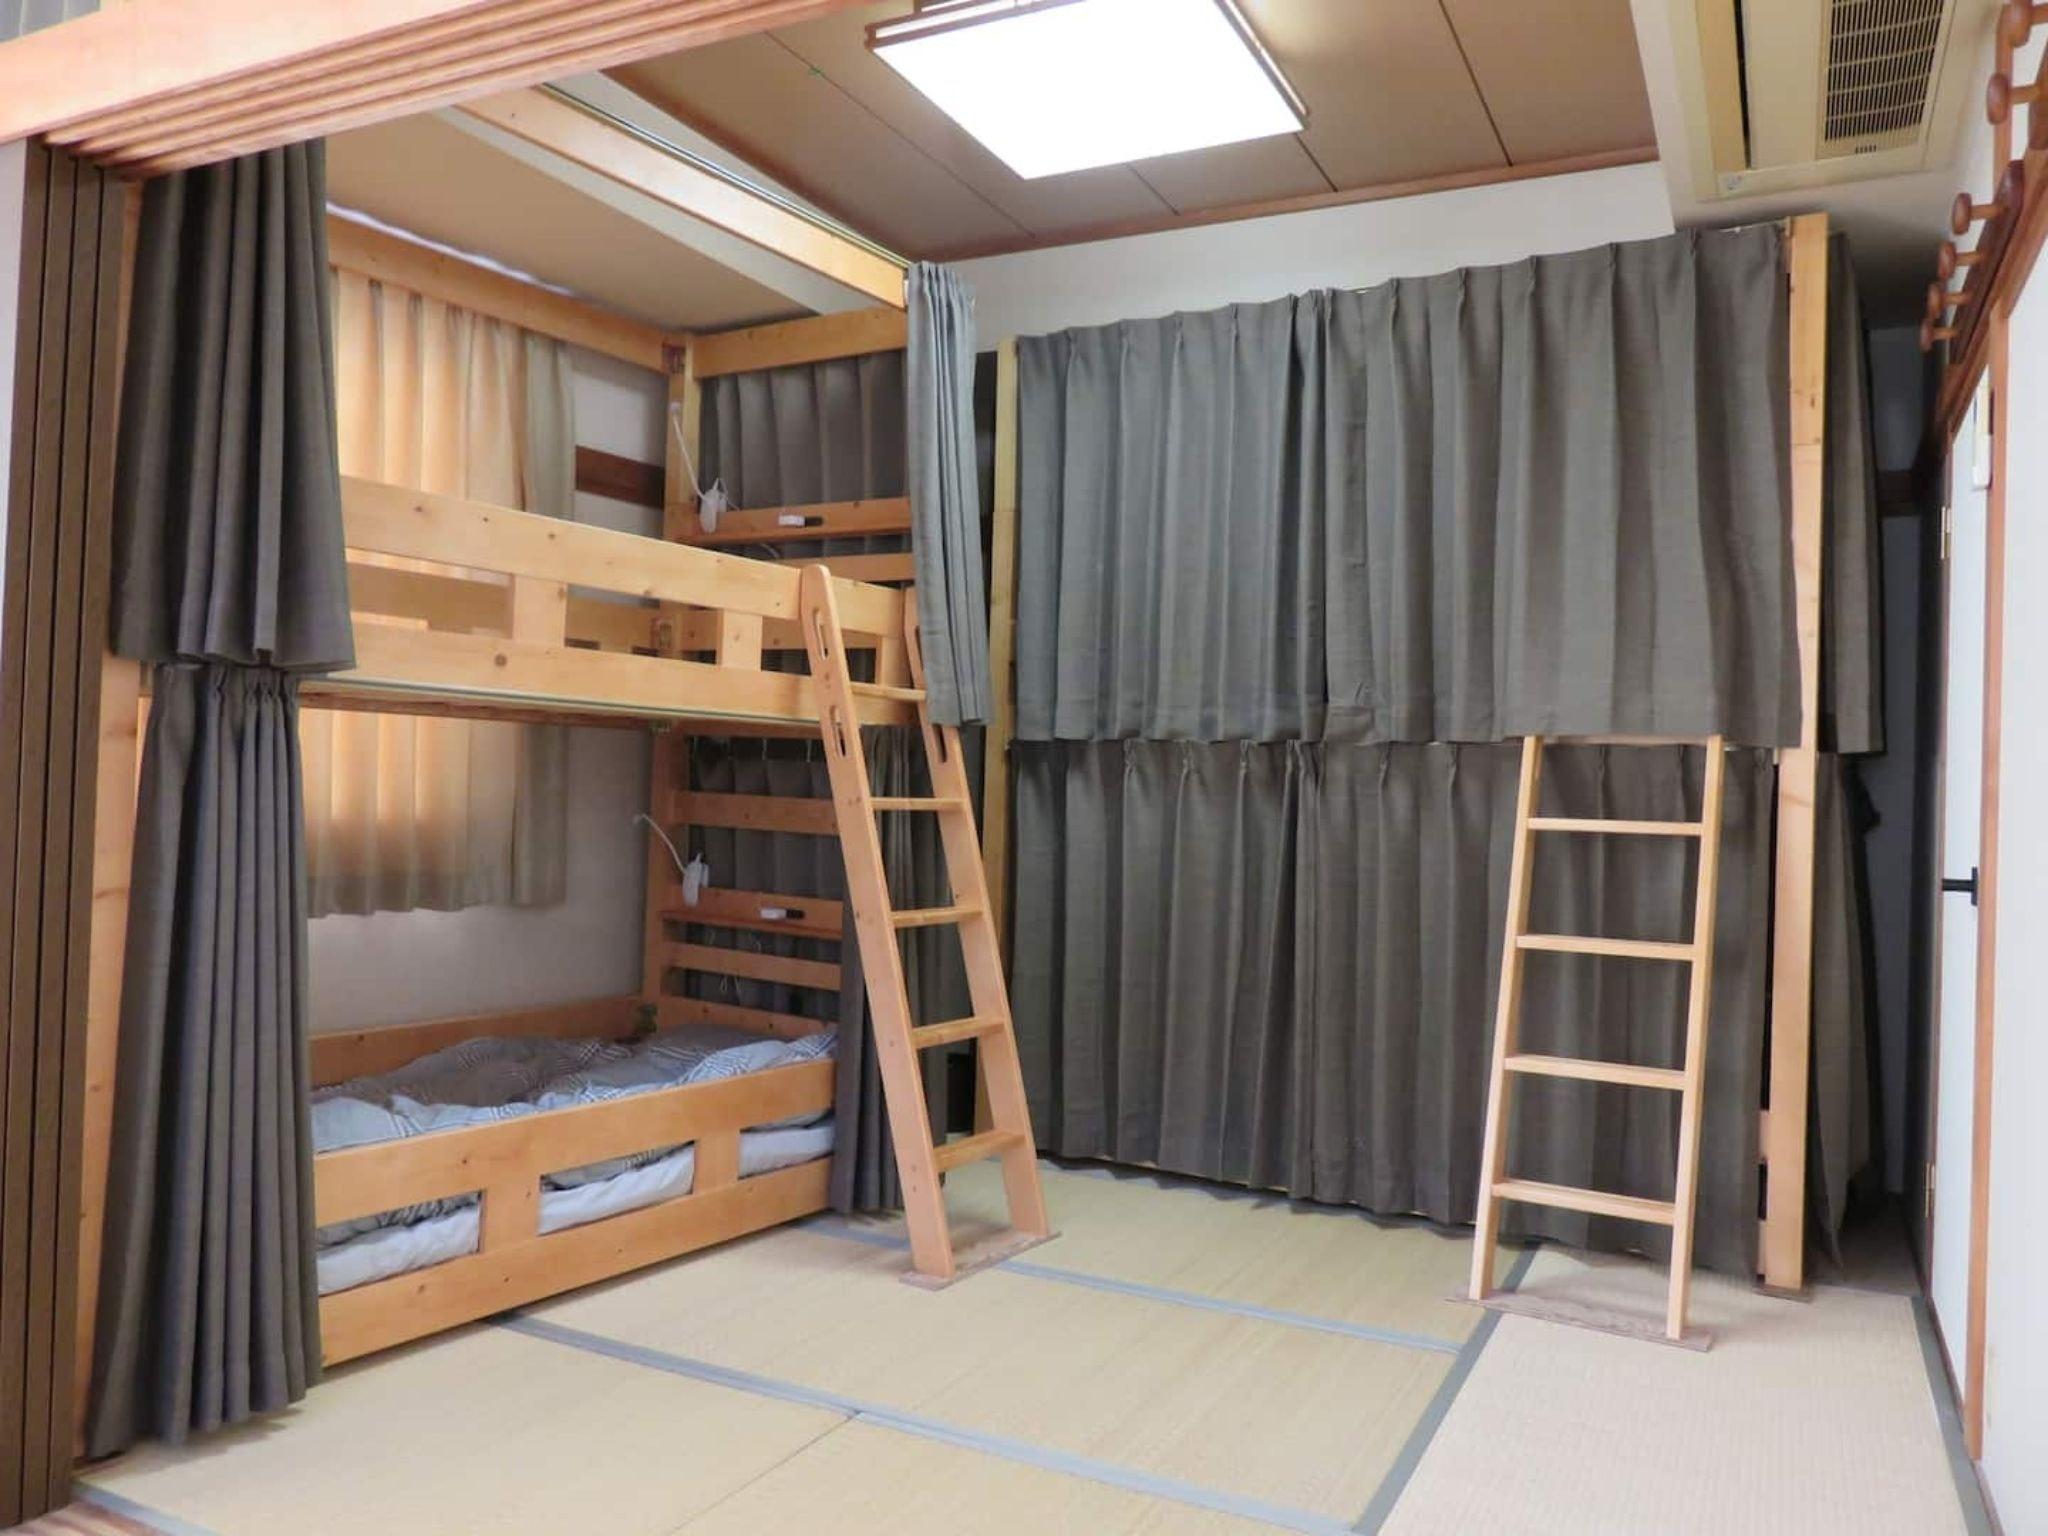 【シェアルーム】(2段ベッド1床)